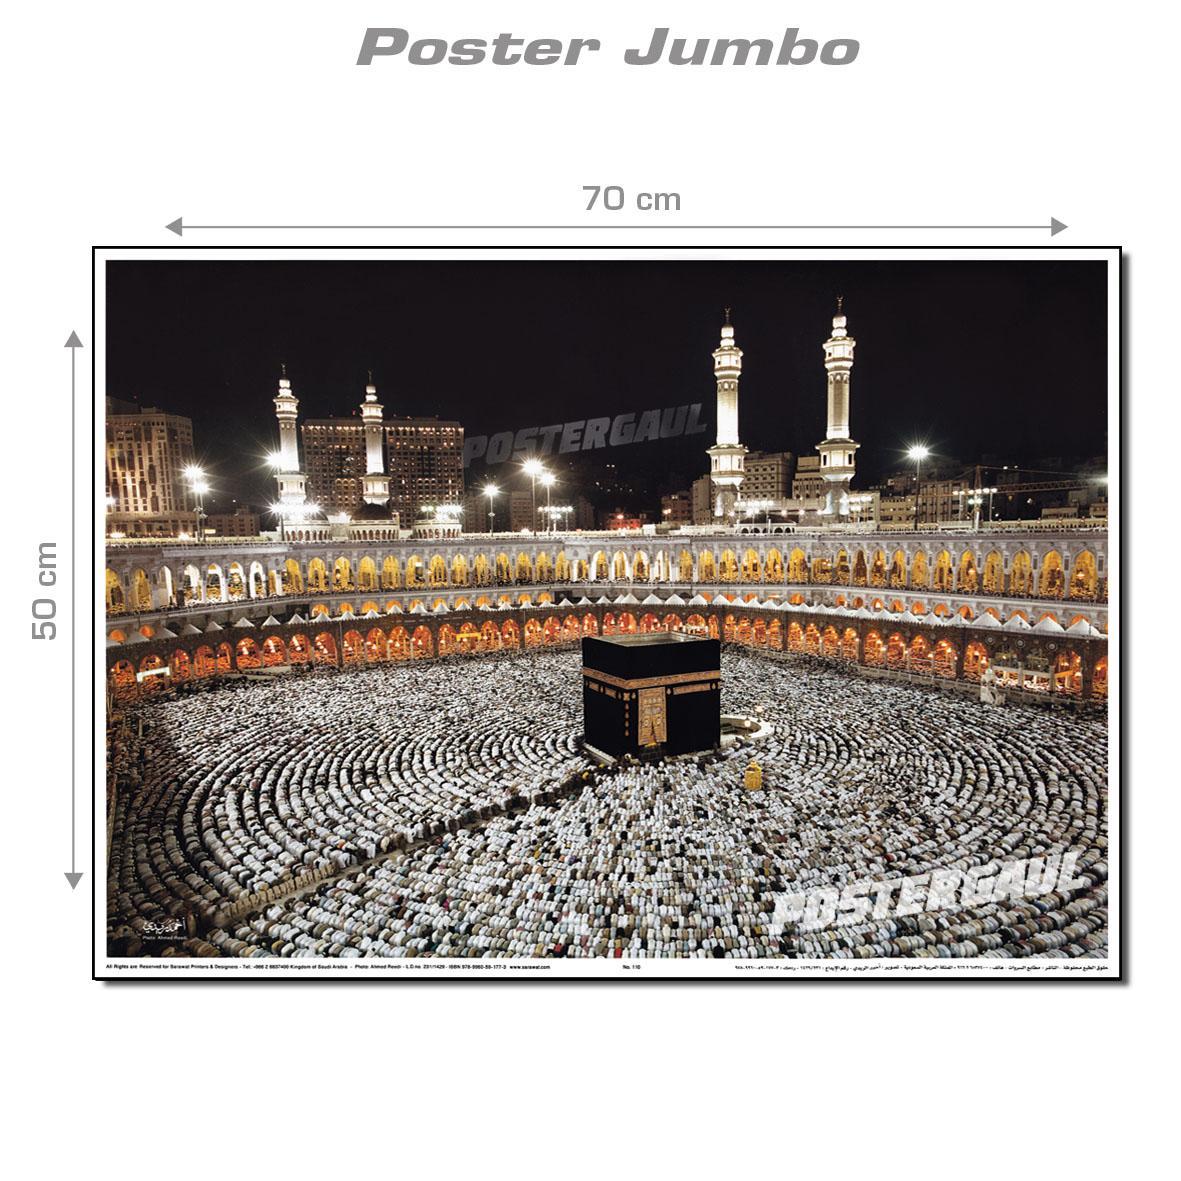 Poster Jumbo KAABAH #MLM17 - ukuran 50 x 70 cm